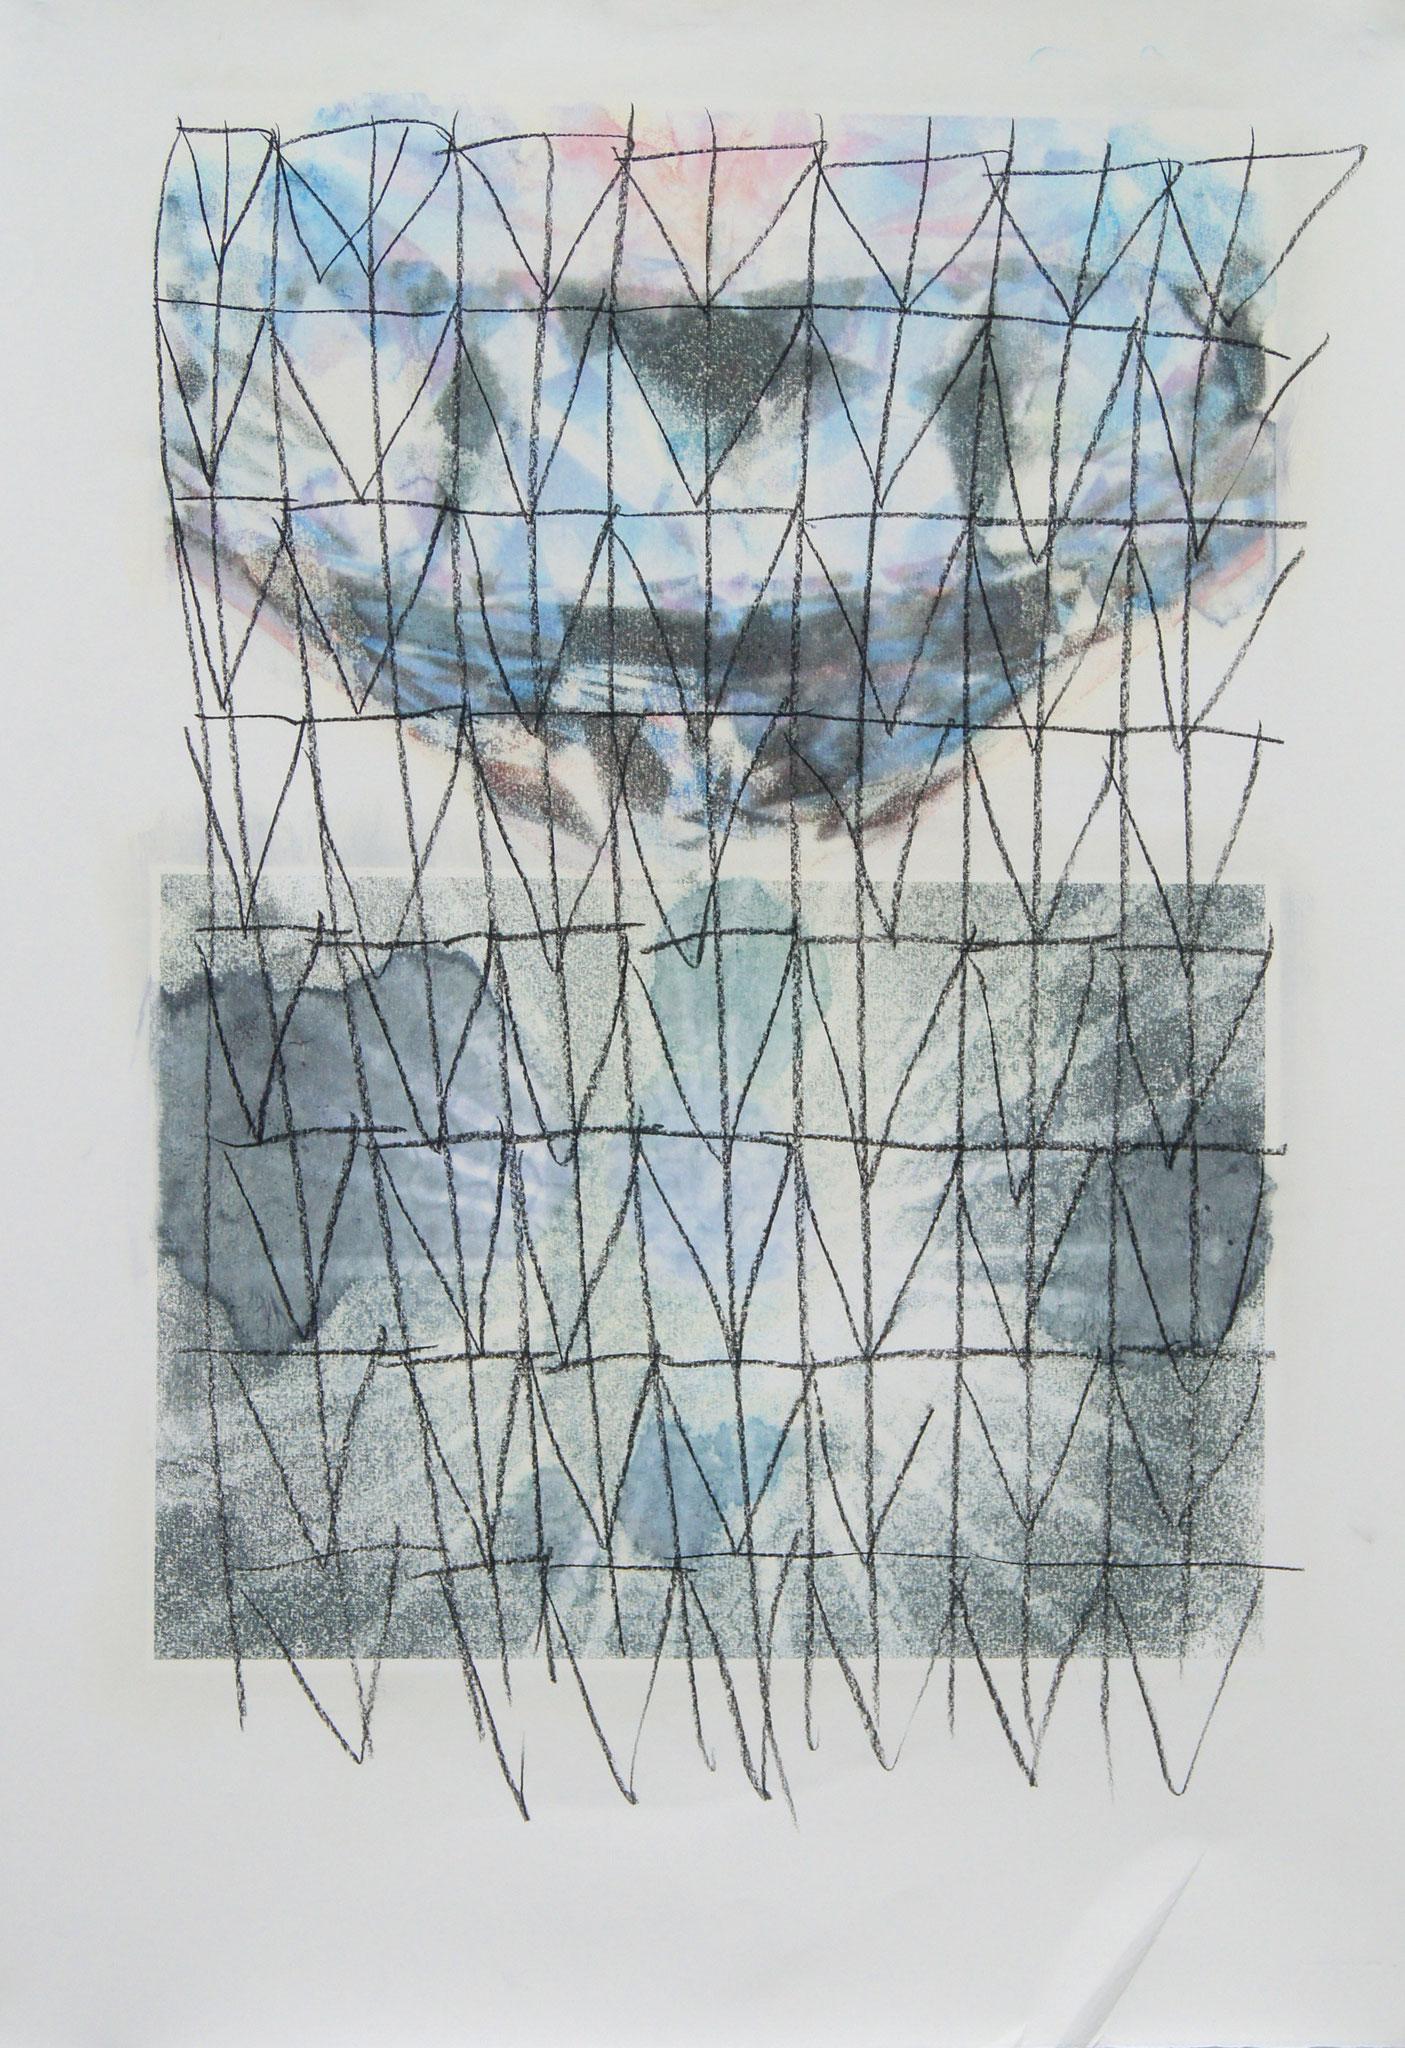 carcoaled Otto  Fototransferdruck und Kohlezeichnung, 53x77 cm